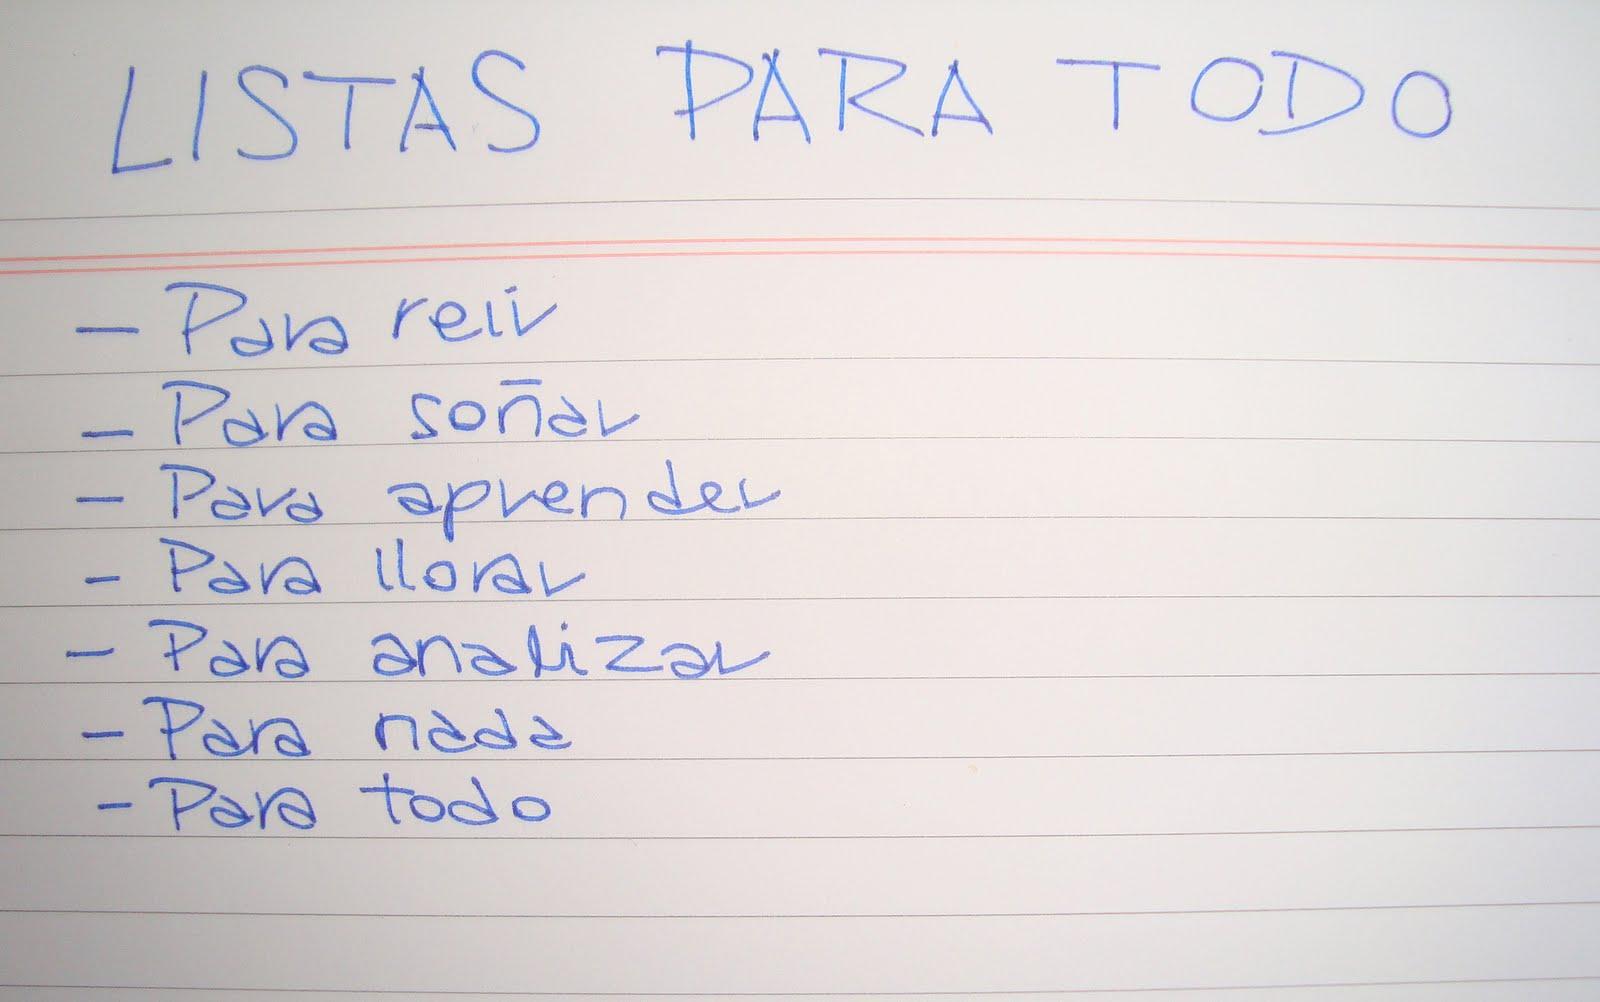 Lista para todo (y más)